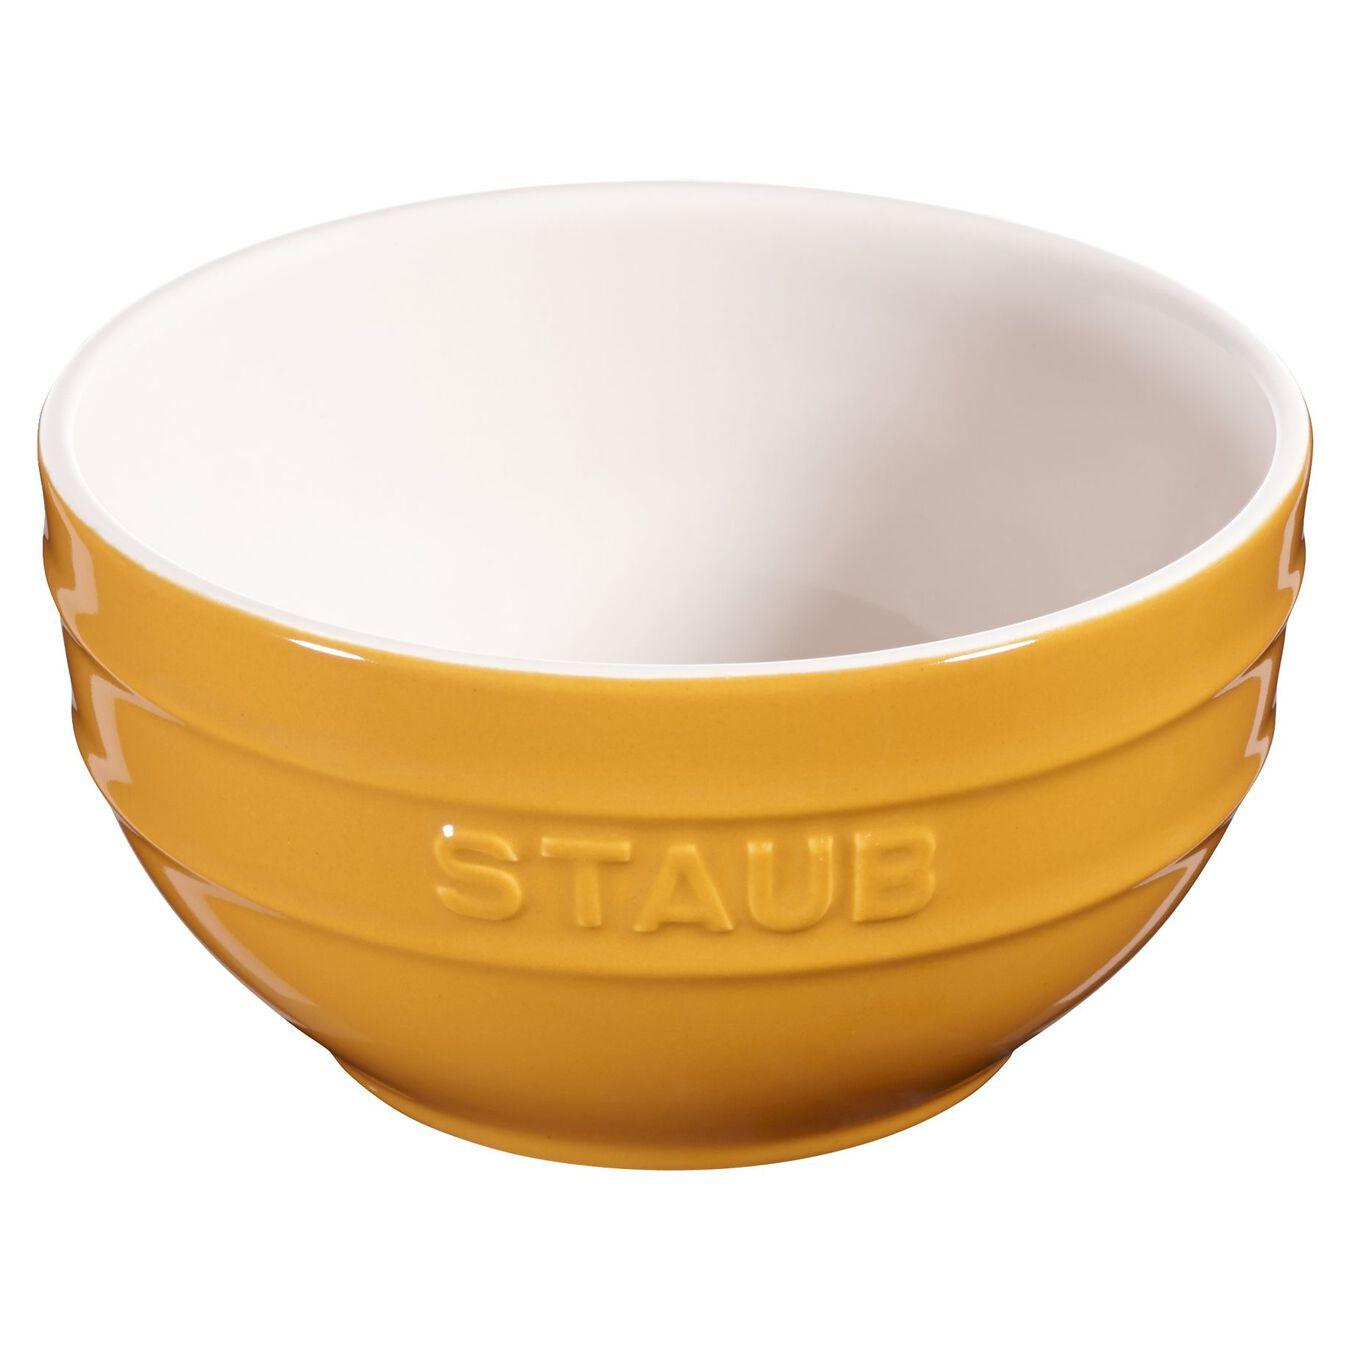 Schüssel 14 cm, Keramik, Senf,,large 2